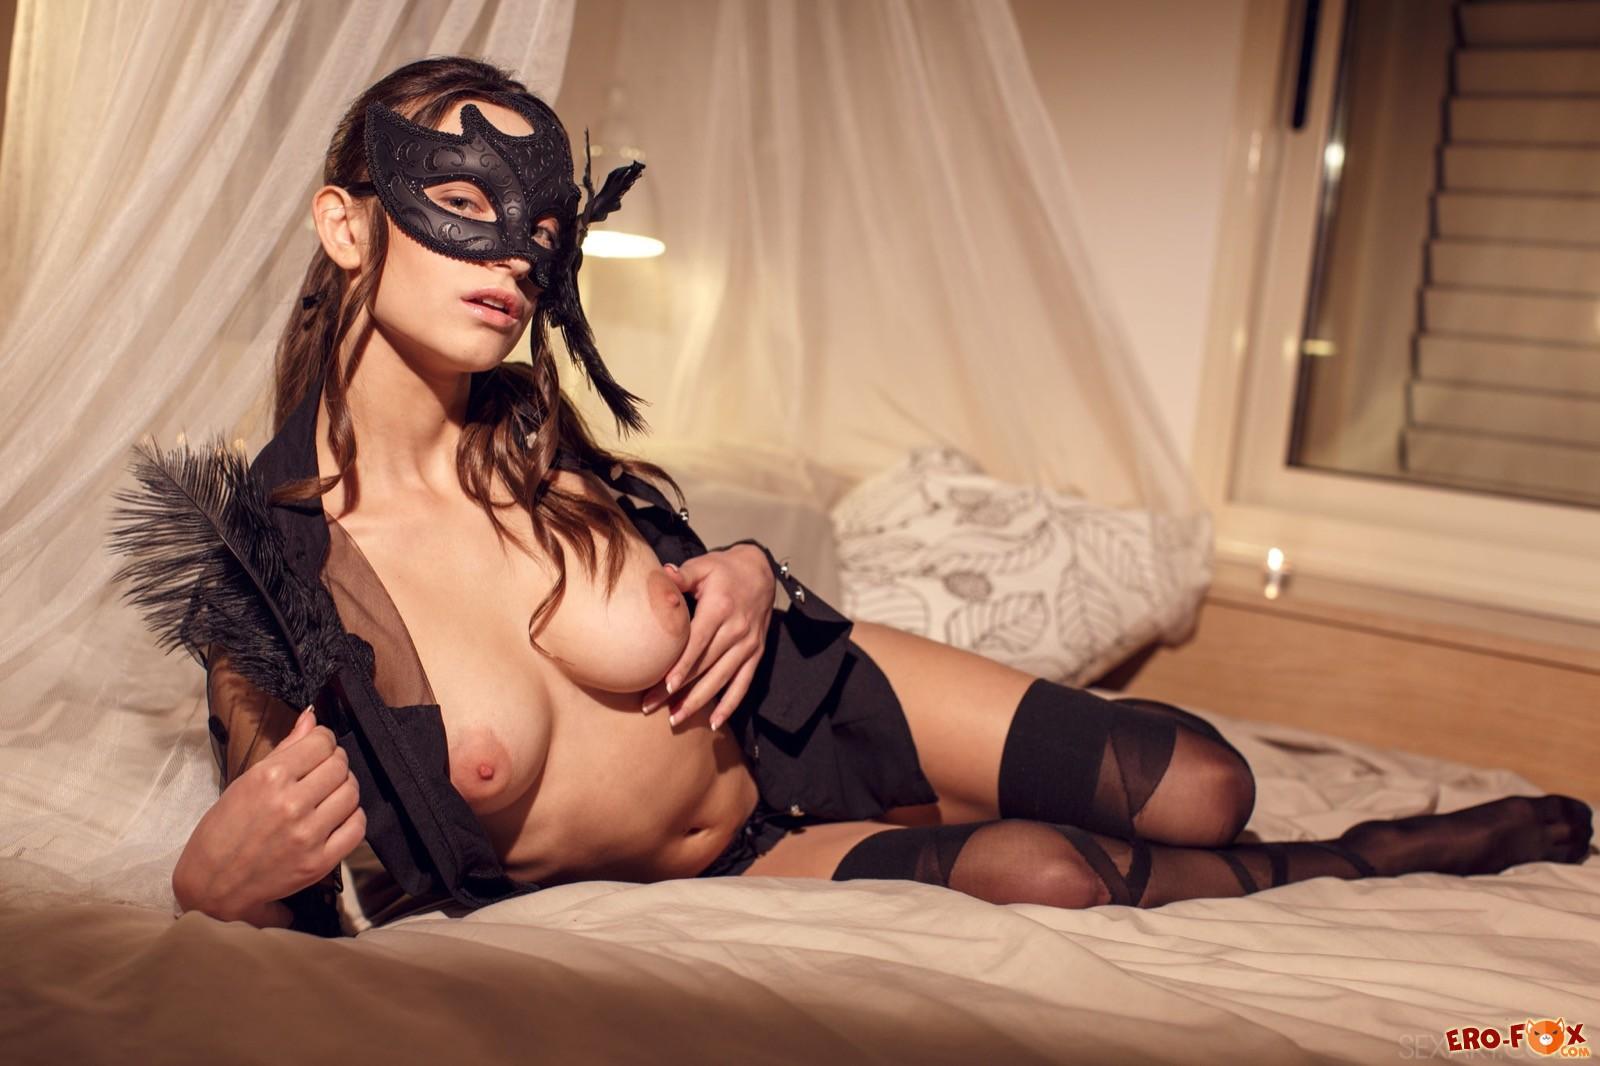 Загадочная девка в маске оголила натуральную грудь